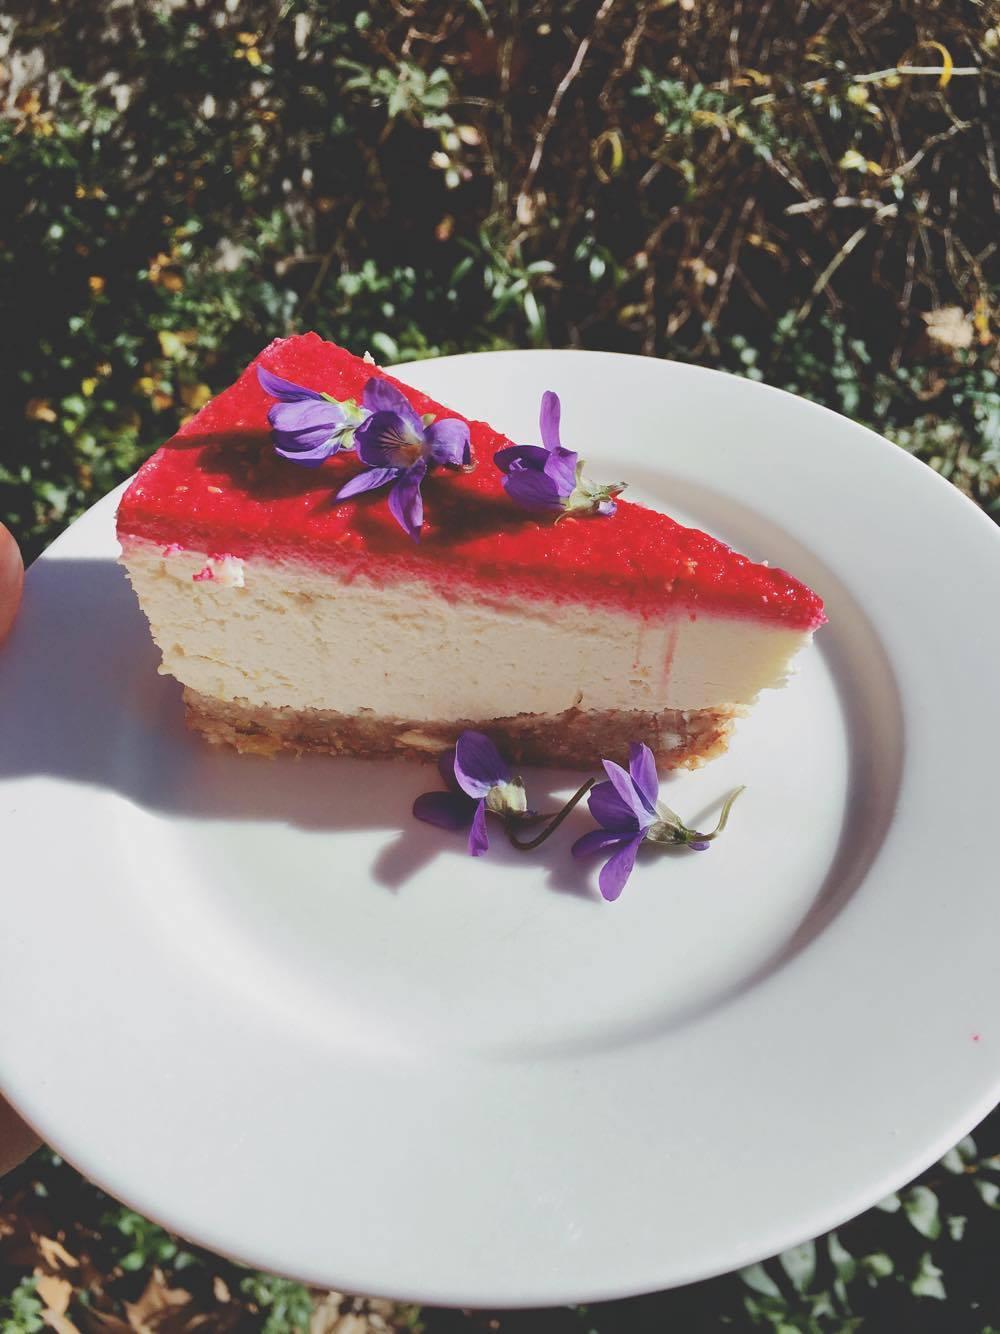 LL cheesecake